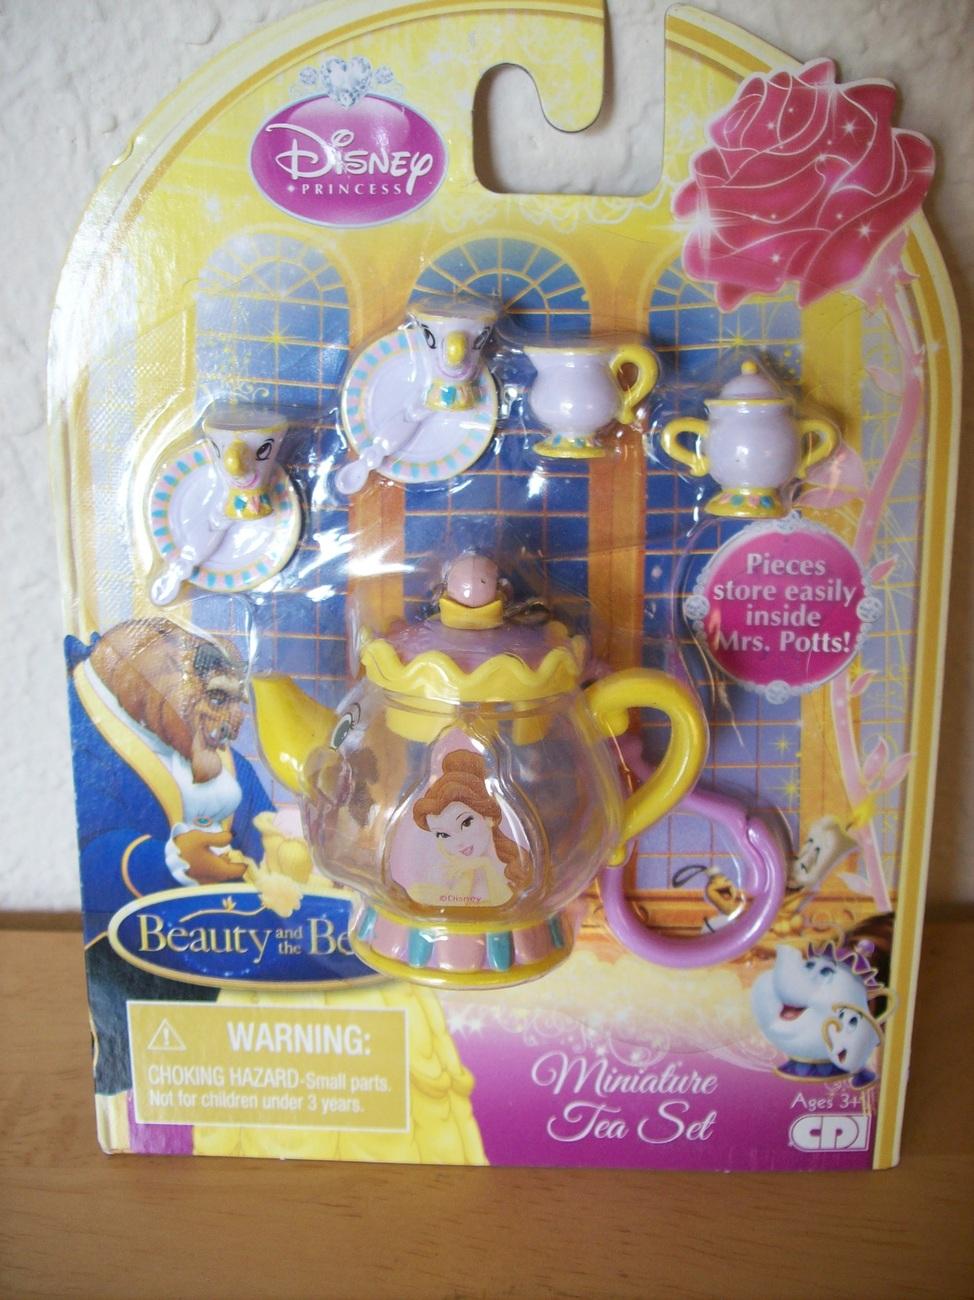 Disney Beauty And The Beast Miniature Tea Set Beauty